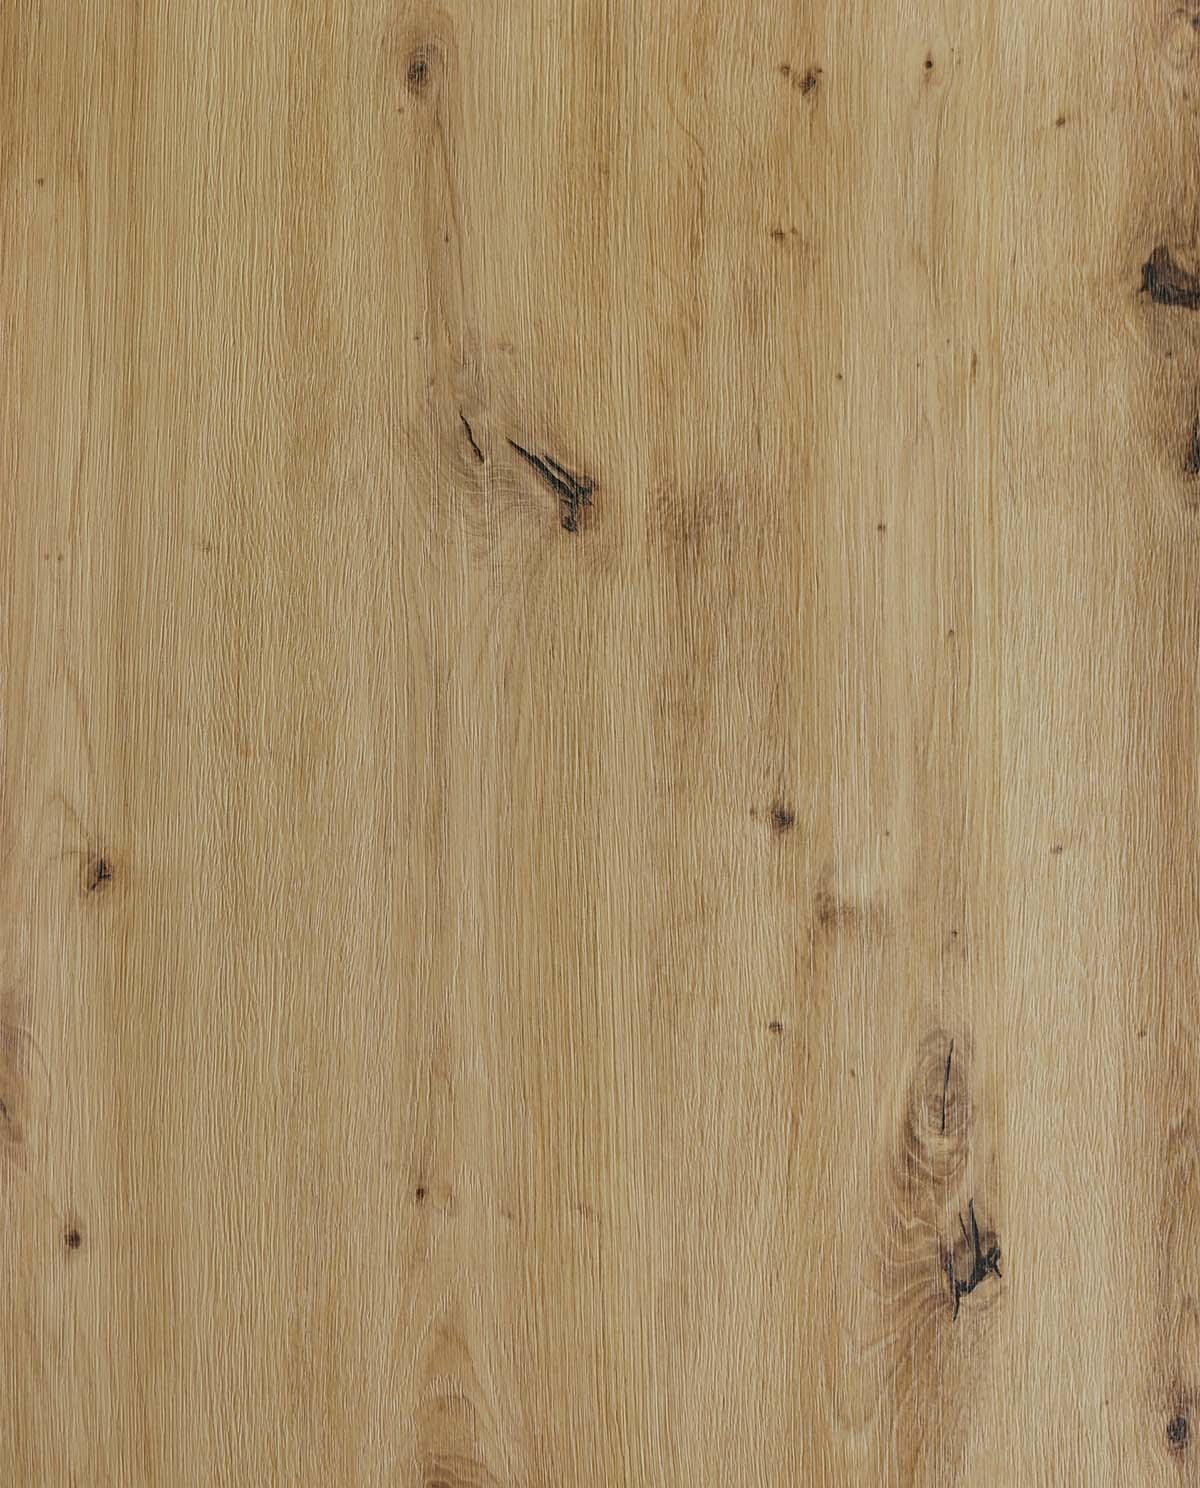 33. Artisan Oak